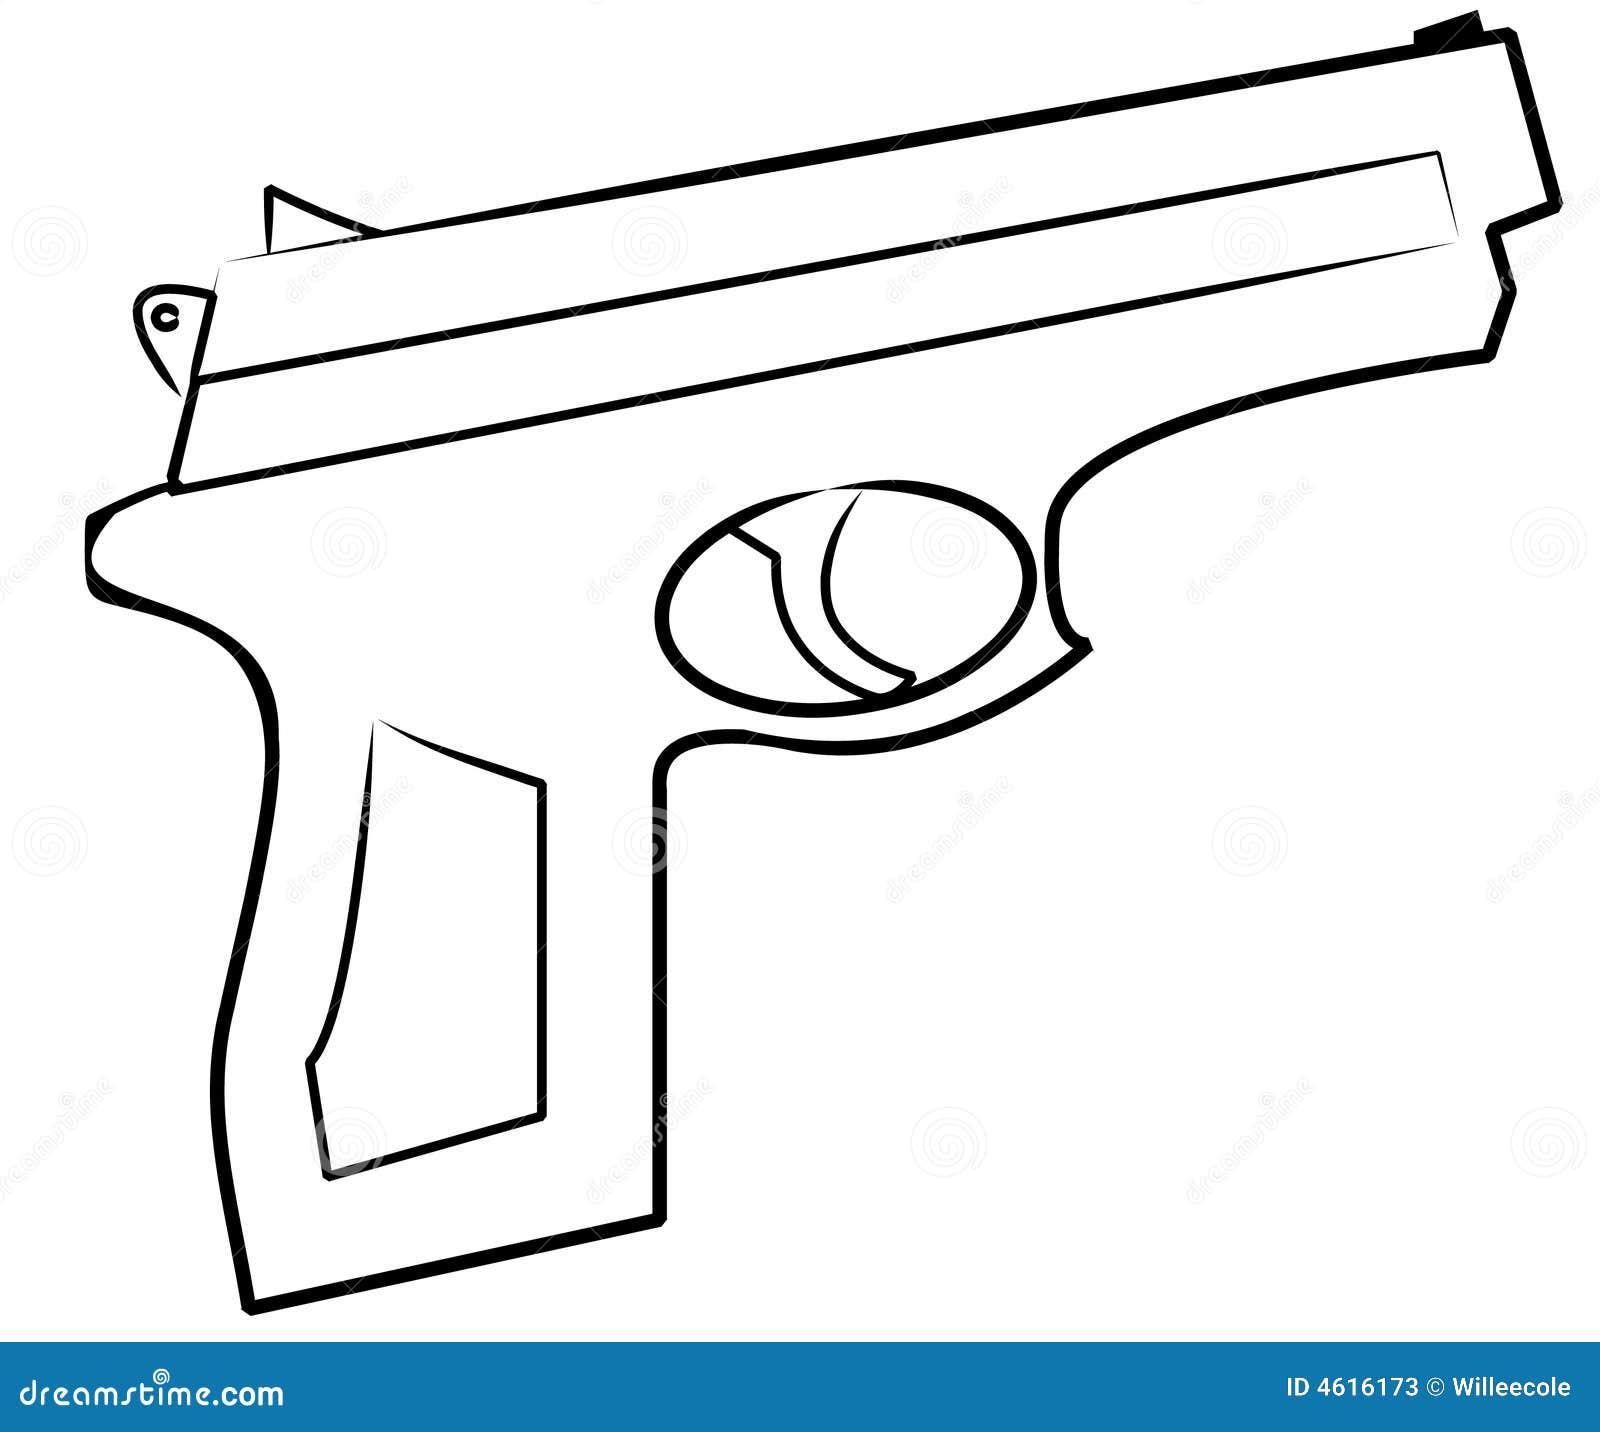 simple gun drawing